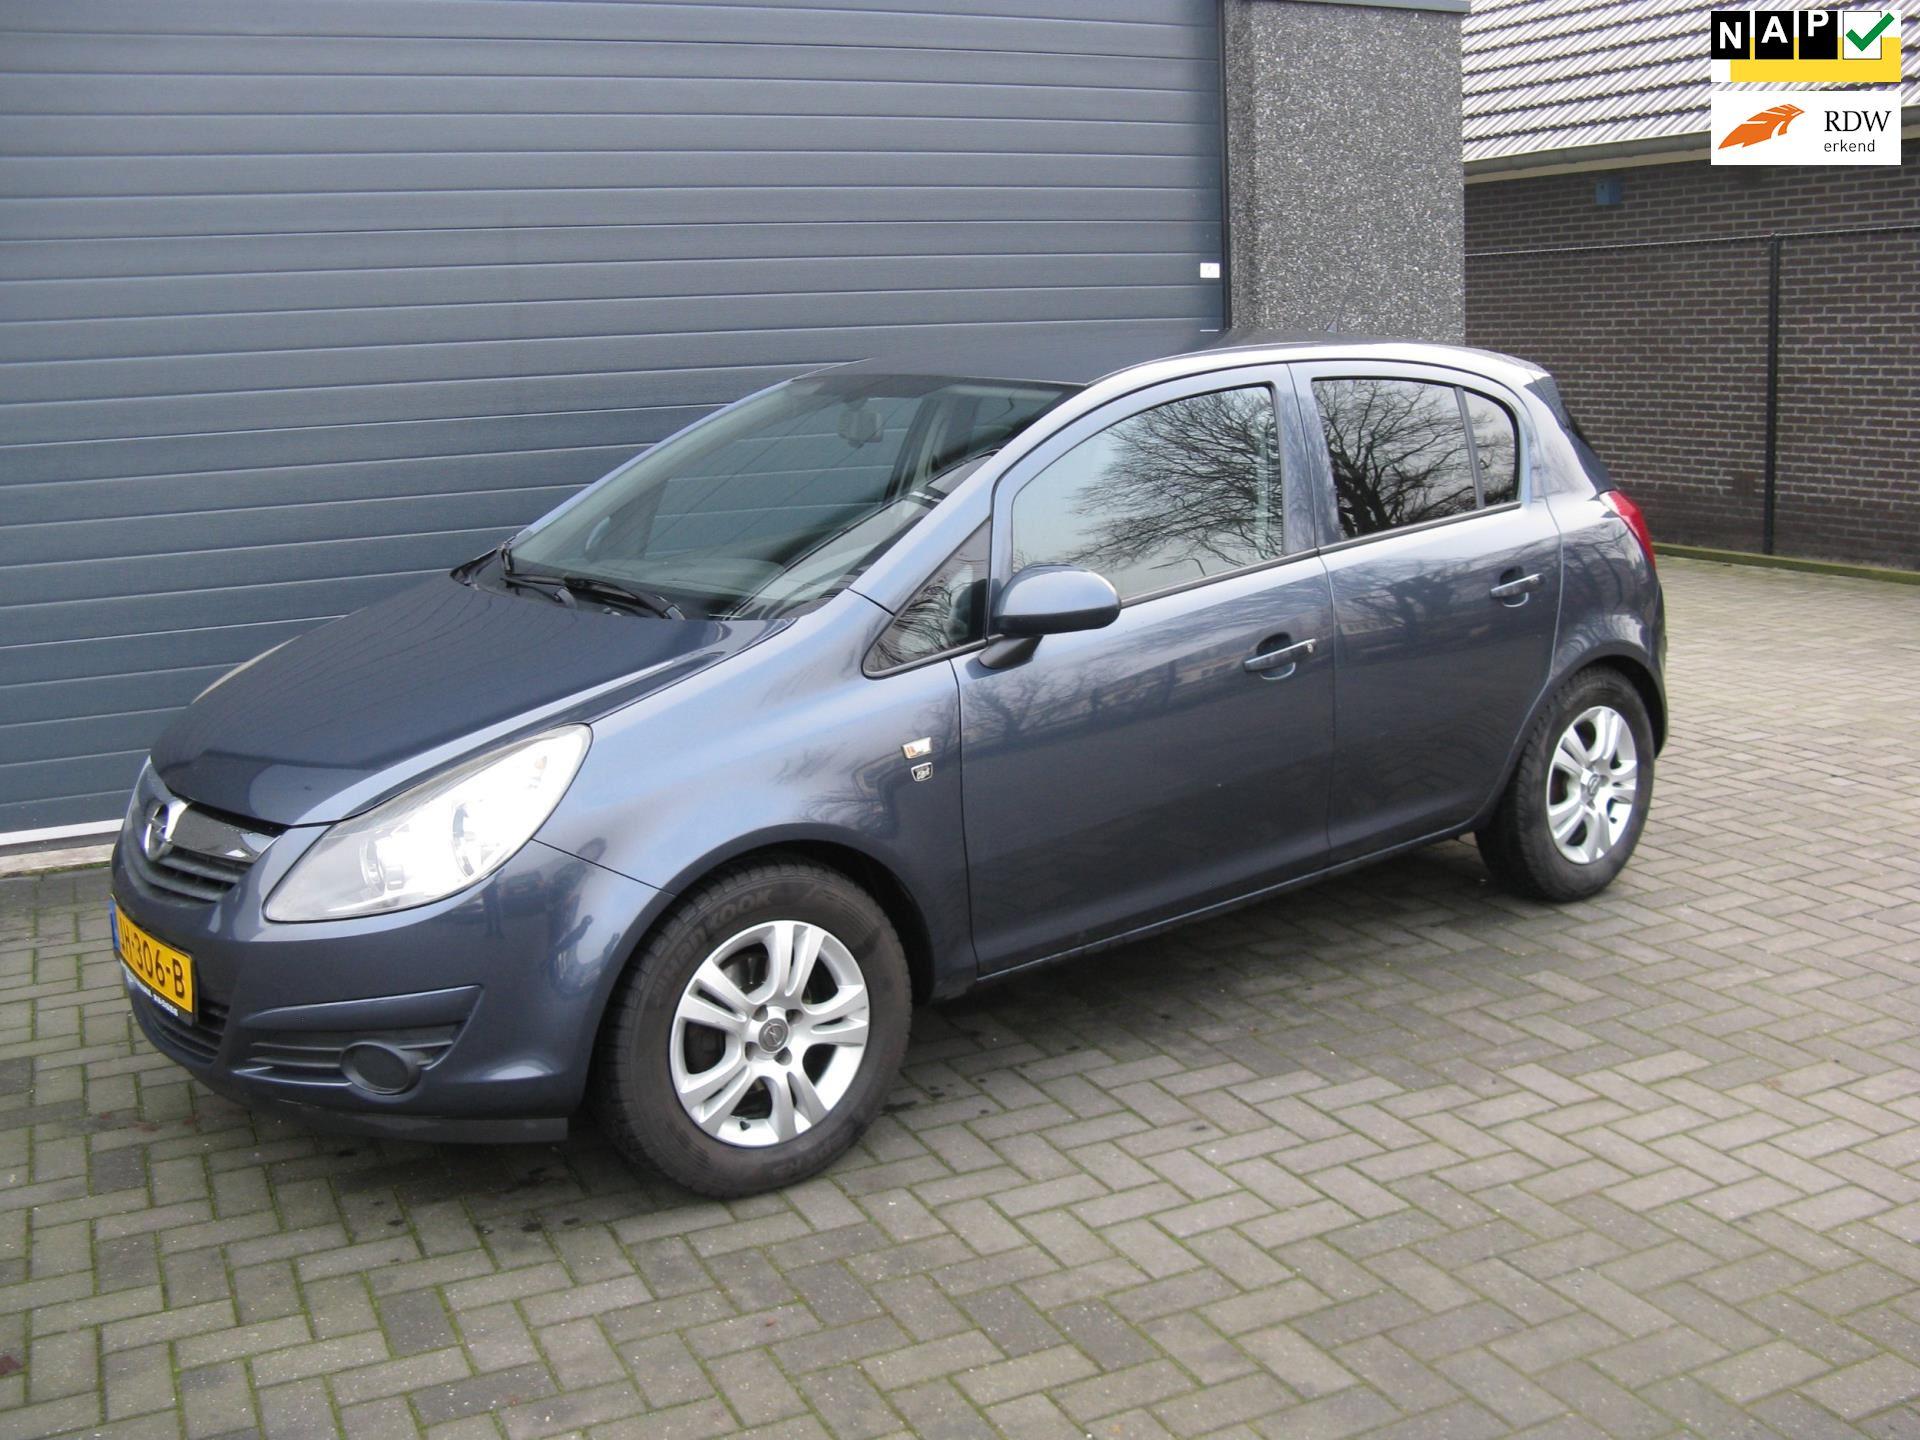 Opel Corsa occasion - van Helden Auto's